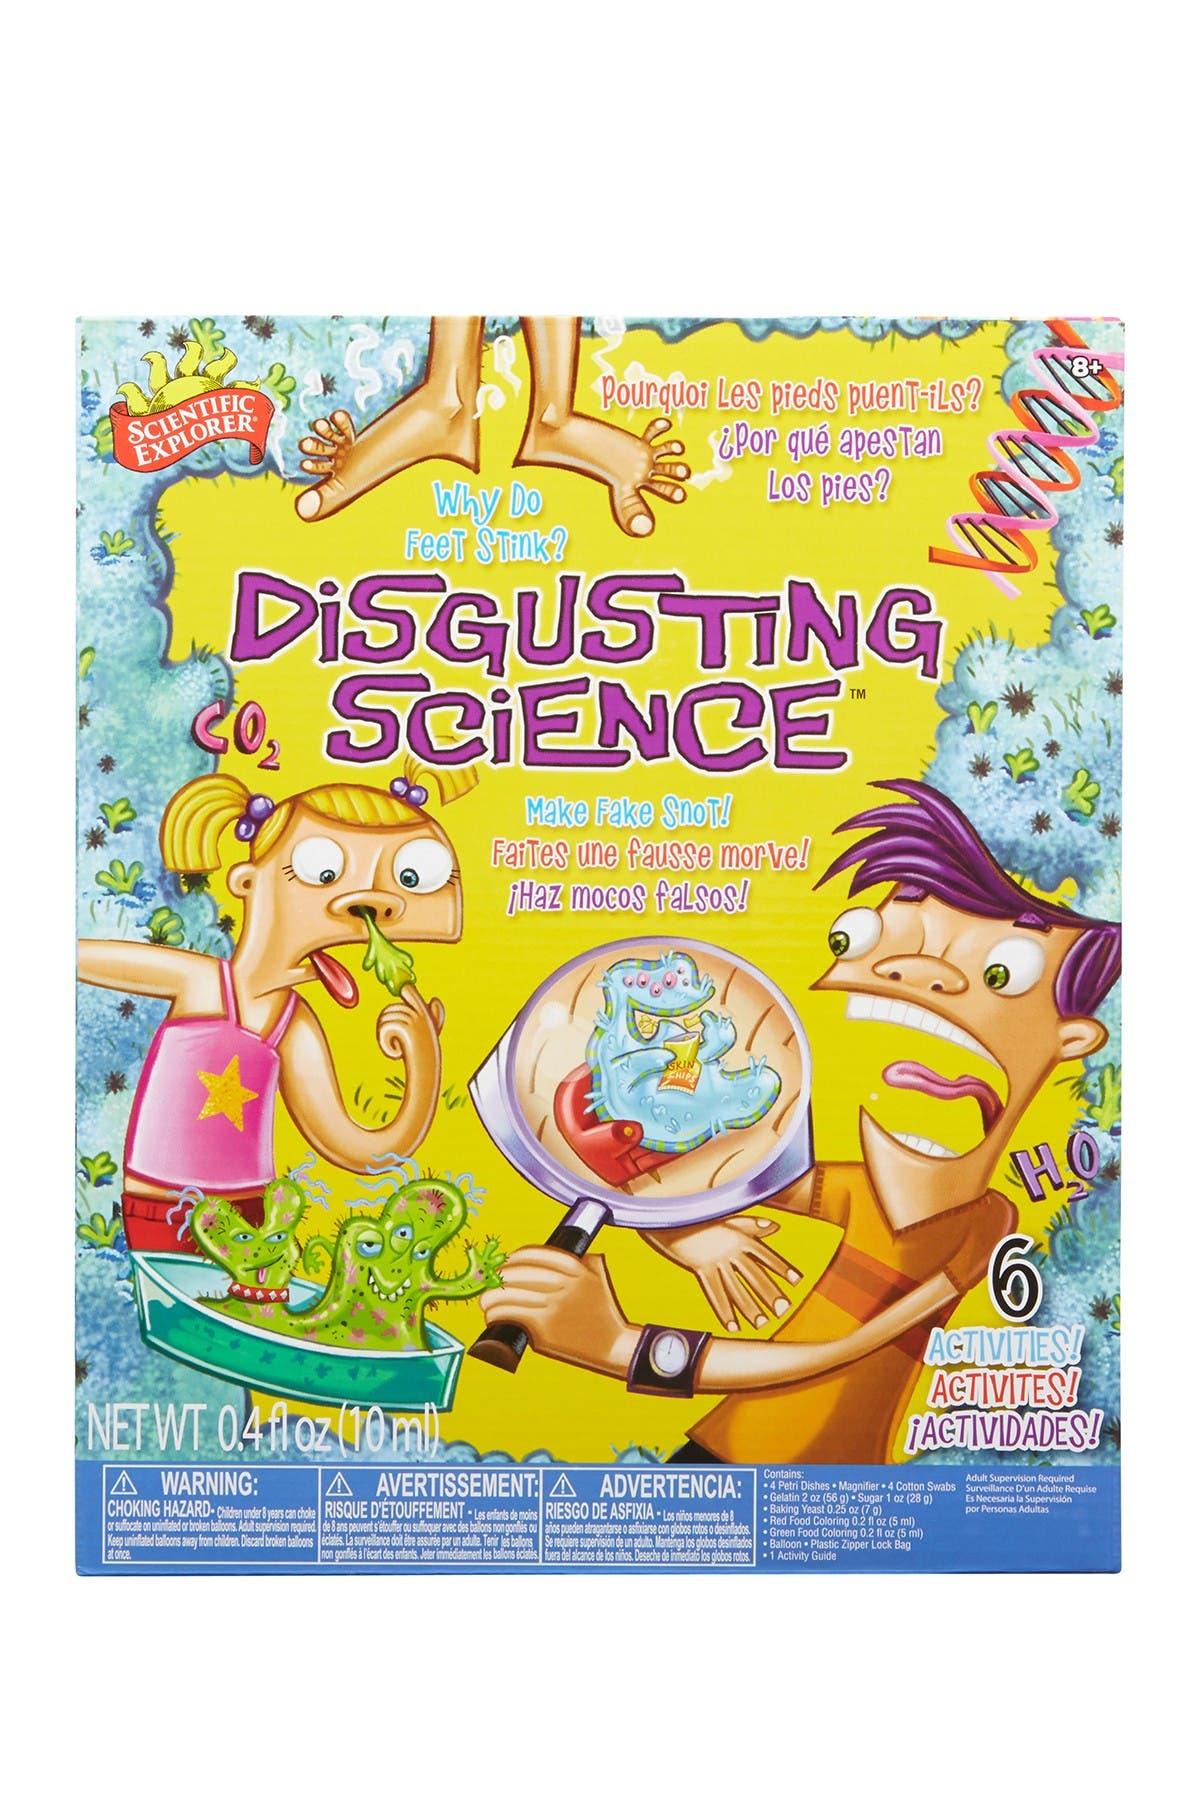 Image of Poof-Slinky Disgusting Science Kit